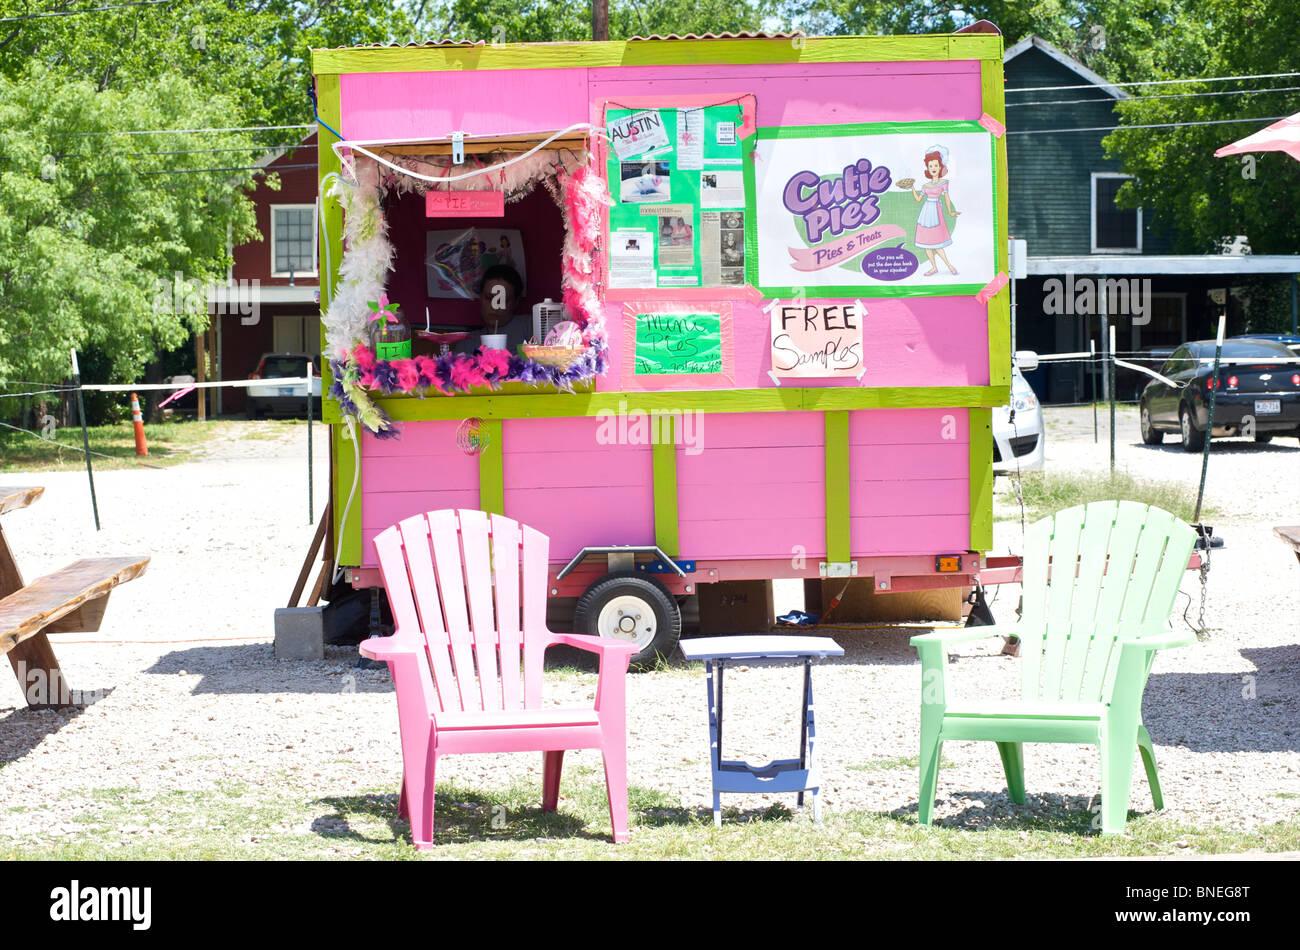 La vente de tartes un petit trailer Austin, Texas, États-Unis Banque D'Images